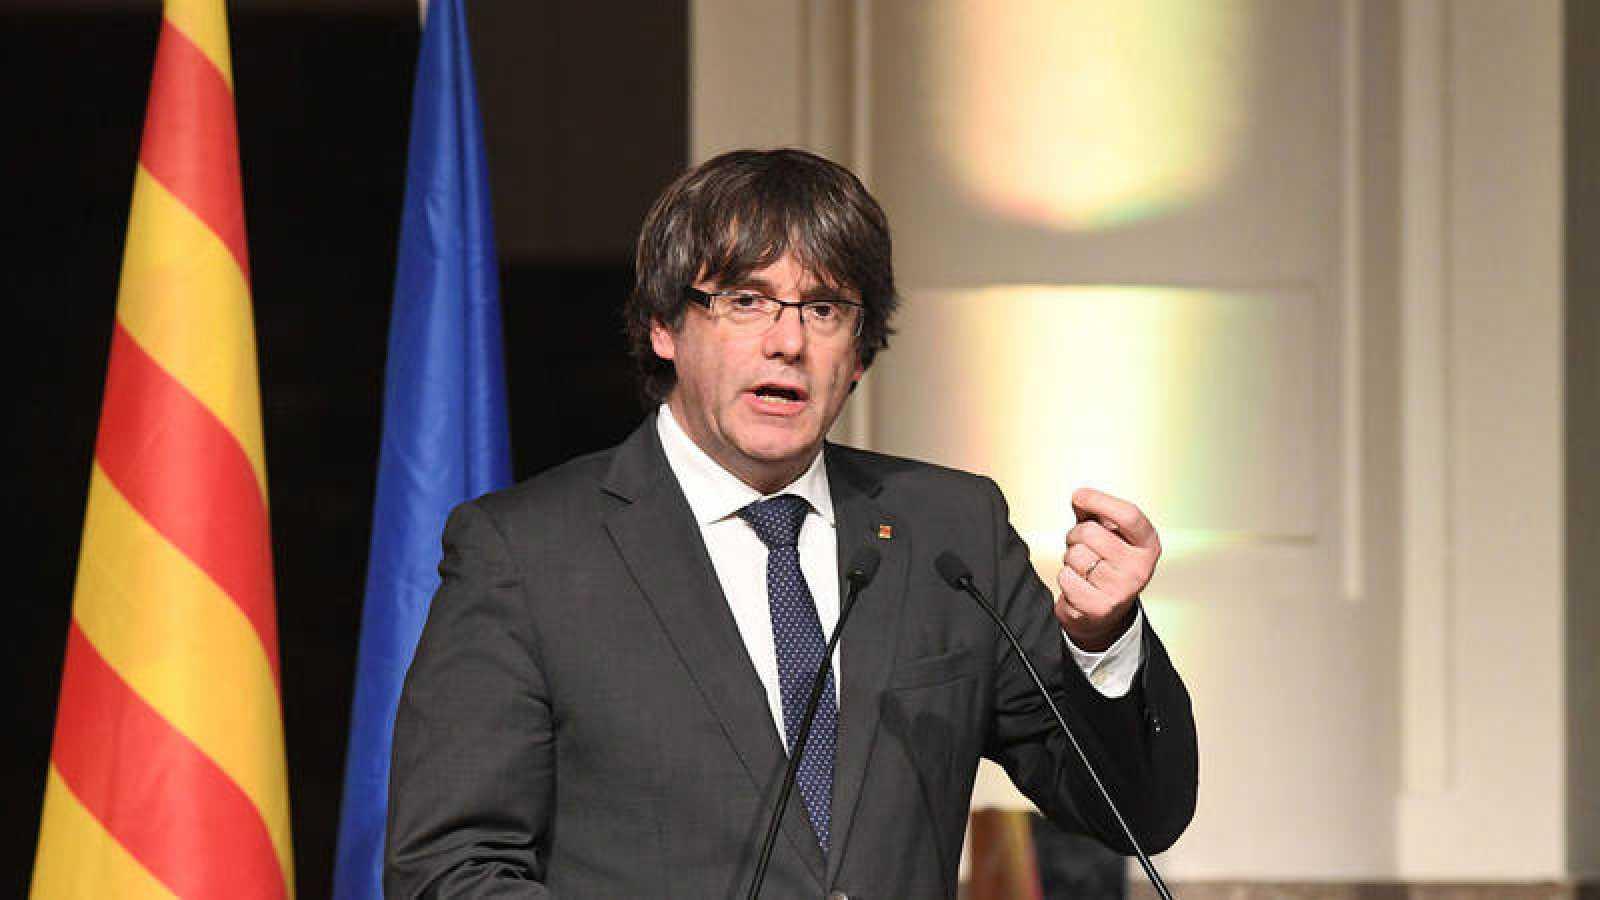 El expresidente catalán Carles Puigdemont durante una intervención en Bruselas